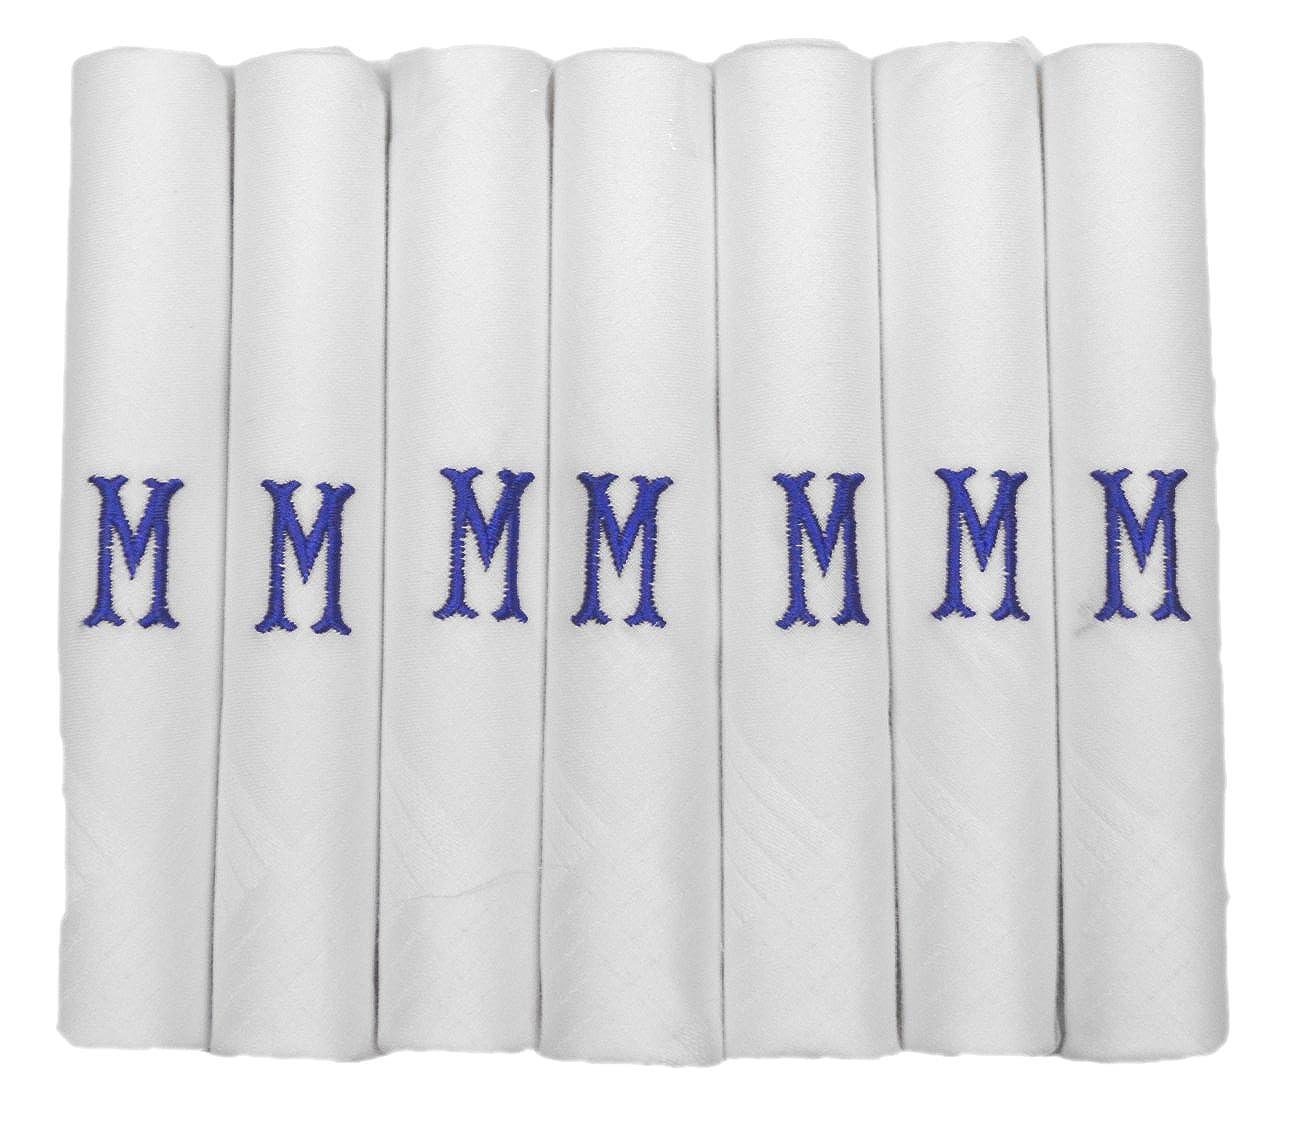 7 Packung Mens/Gentlemens weiß en Satin umrahmten Taschentü chern mit & blau bestickt Initialen, M